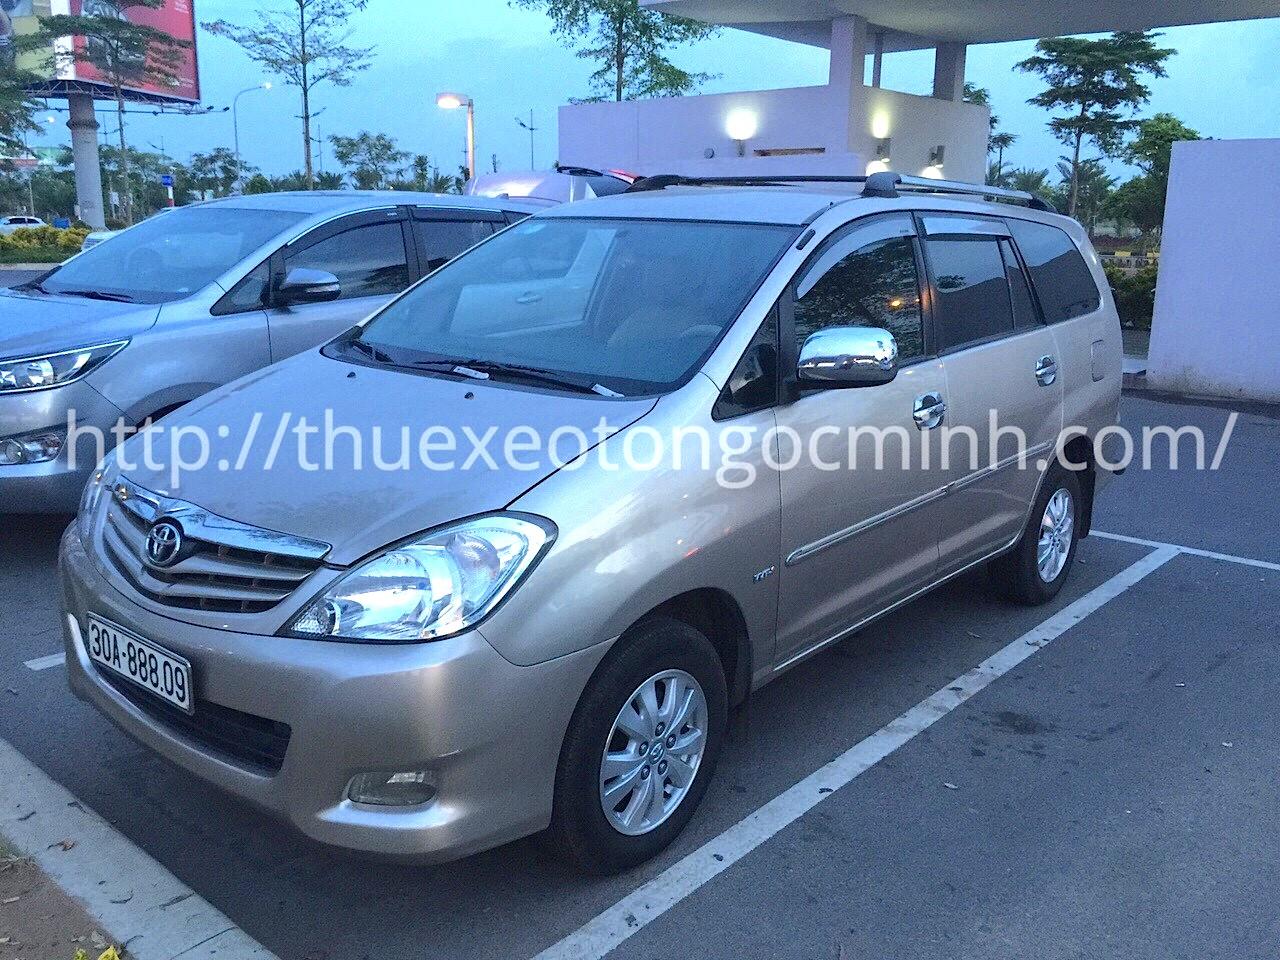 Thuê xe tháng 7 chỗ Innova tại Hà Nội